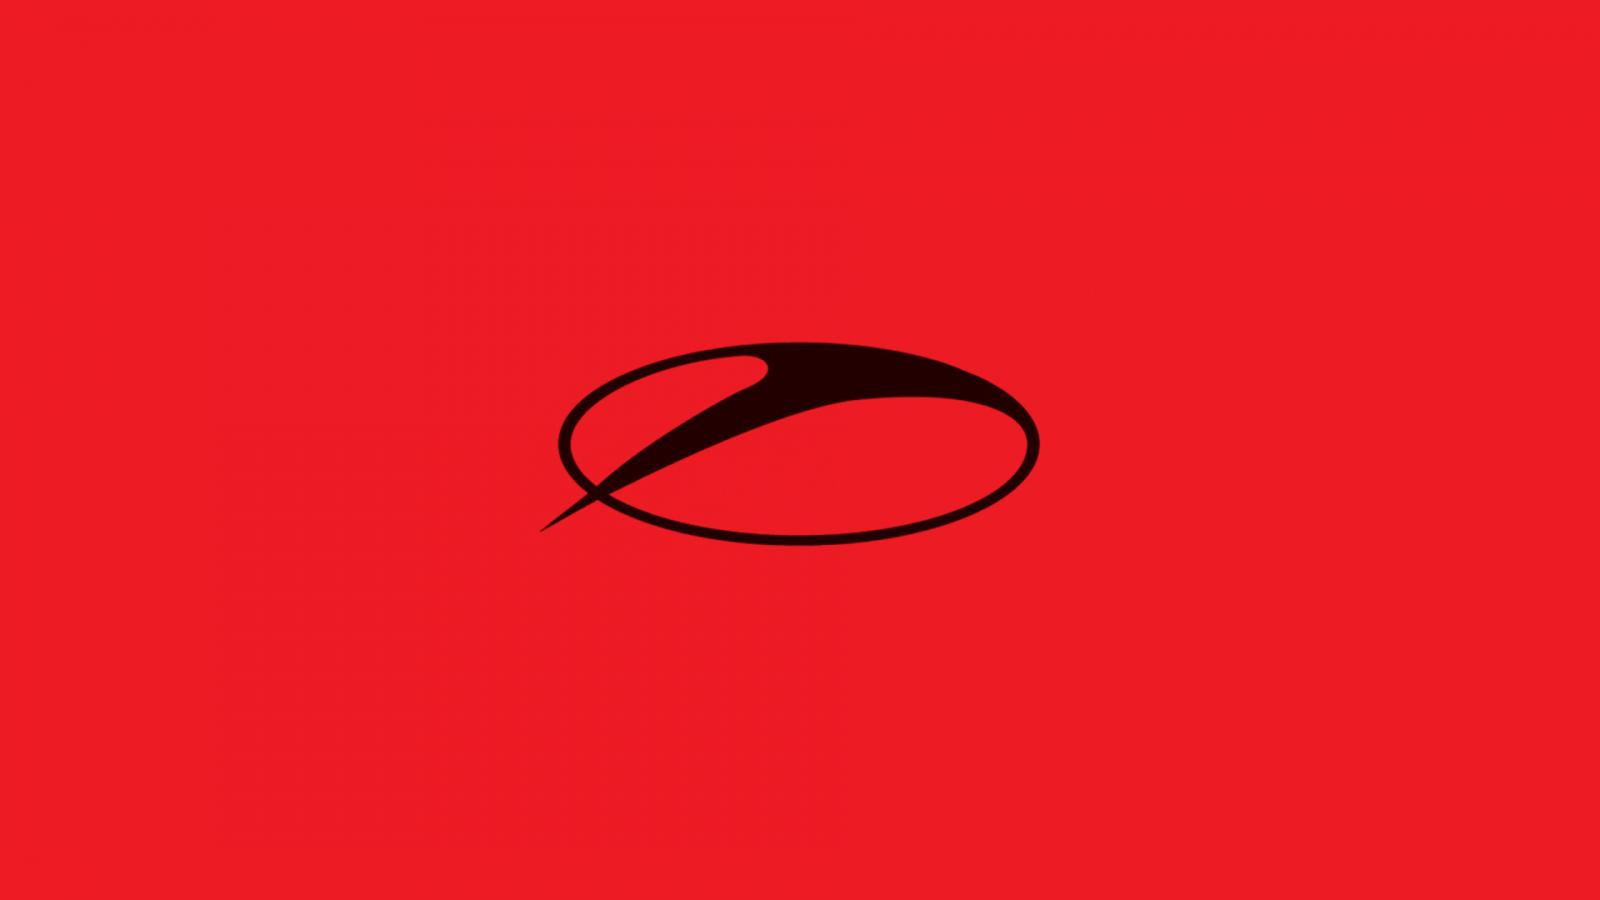 Sfondi Rosso Testo Logo Cerchio Marca Uno Stato Di Trance